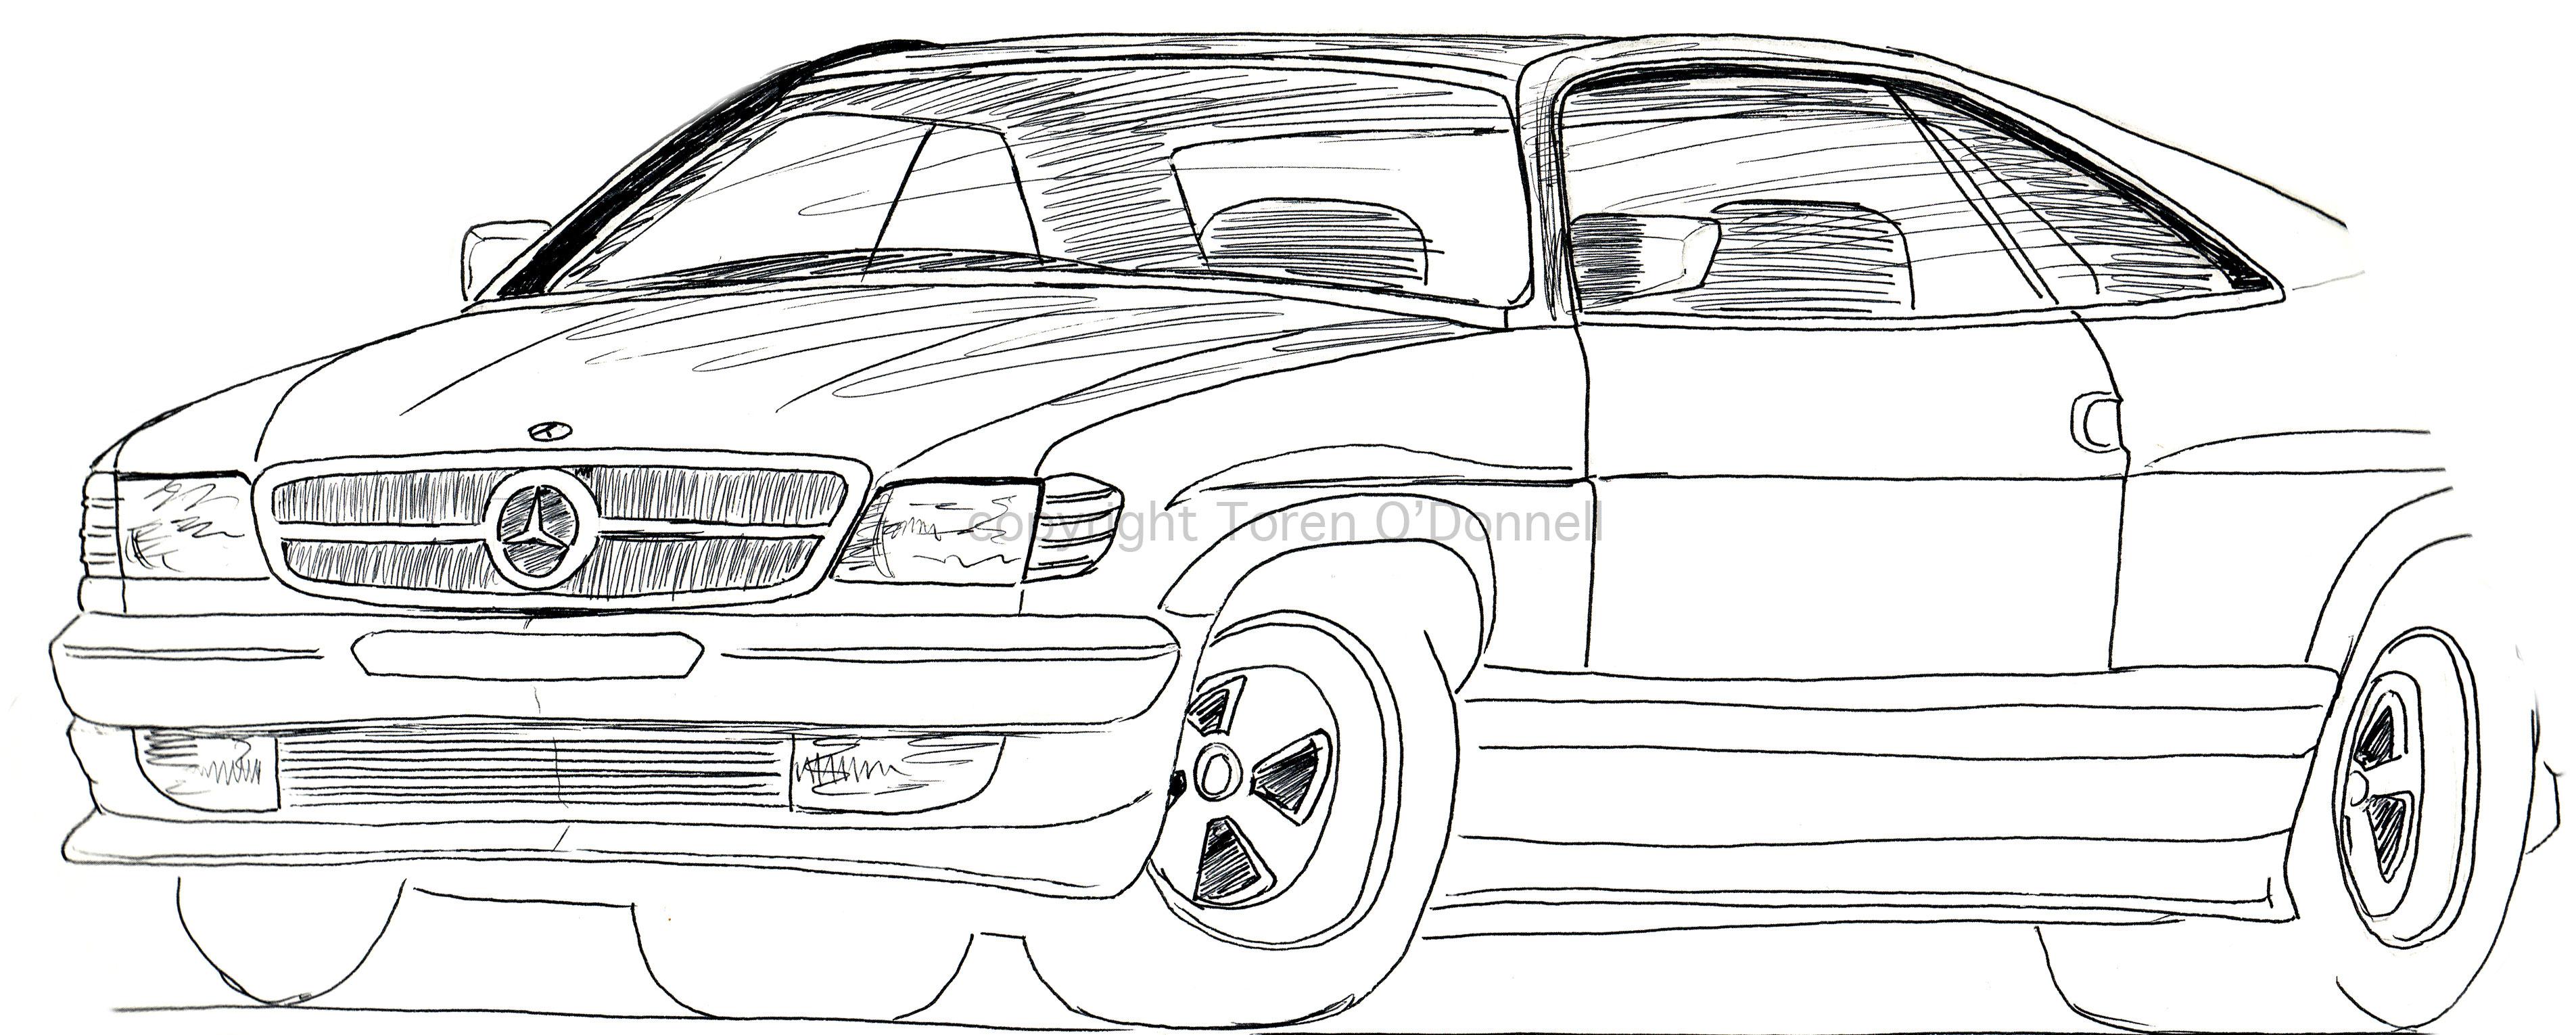 Vn Holden Commodore Toren S Art Blog